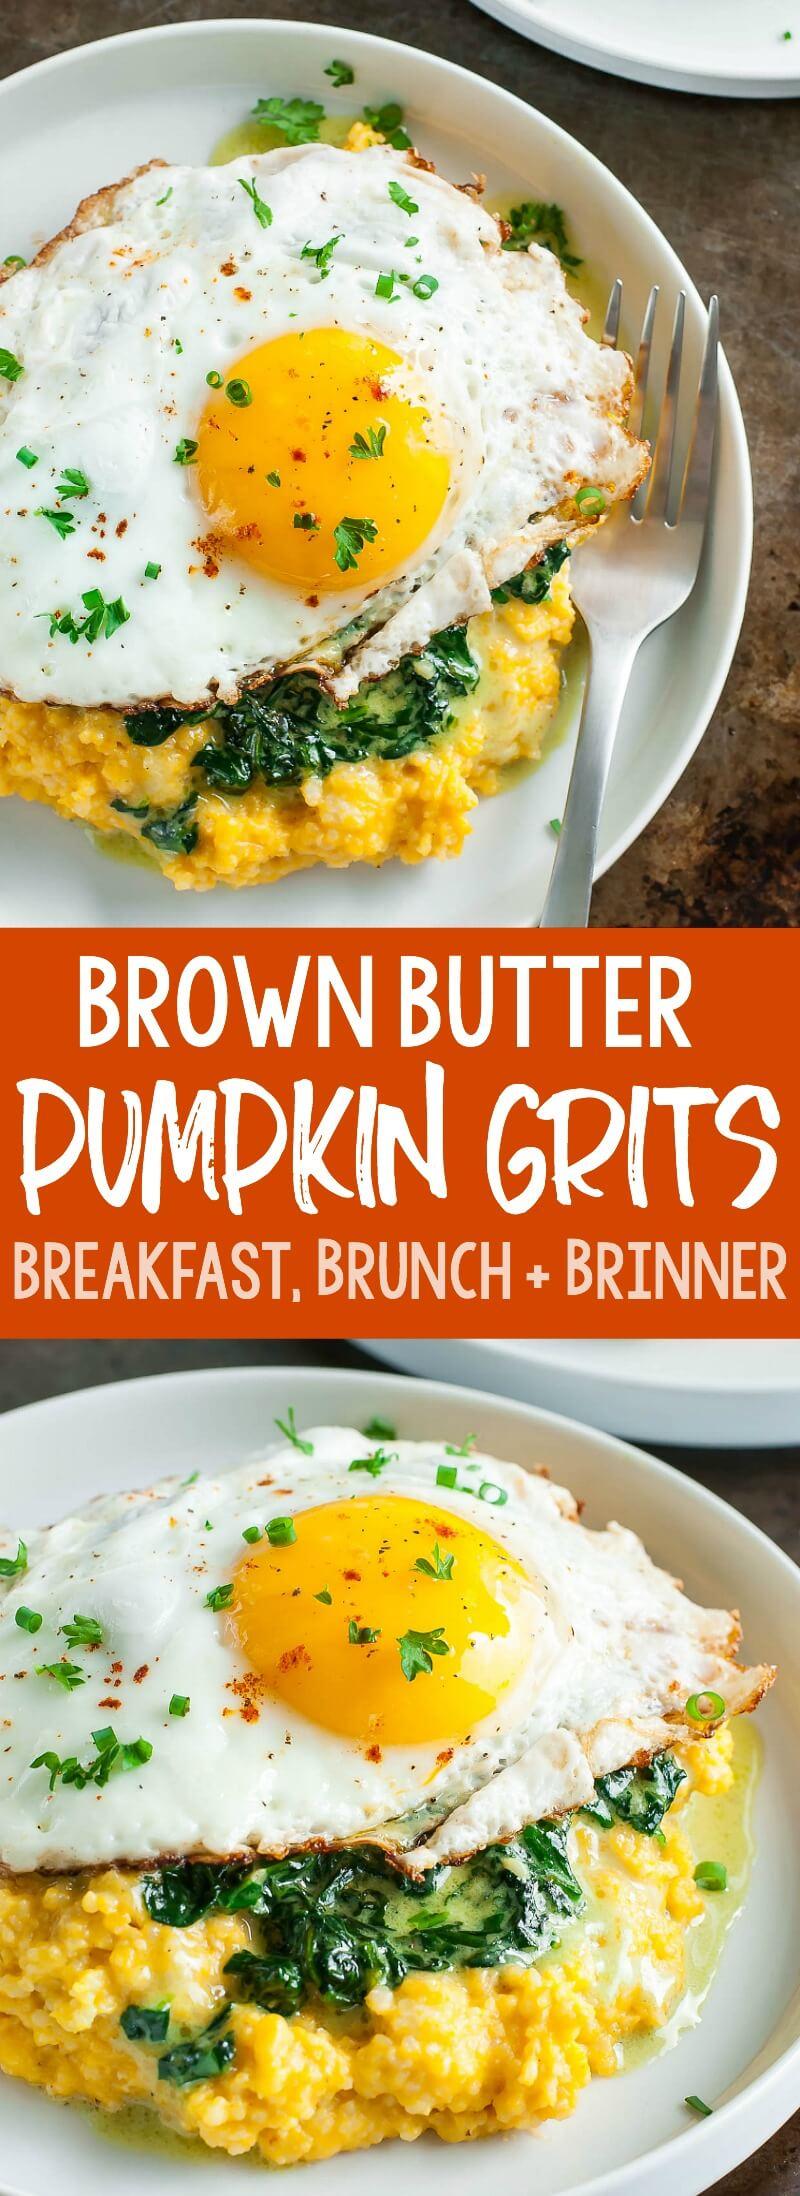 Creamy cheese grits swirled with brown butter and pumpkin, these Brown Butter Pumpkin Grits are amazing! #pumpkin #breakfast #brunch #brinner #glutenfree #vegetarian